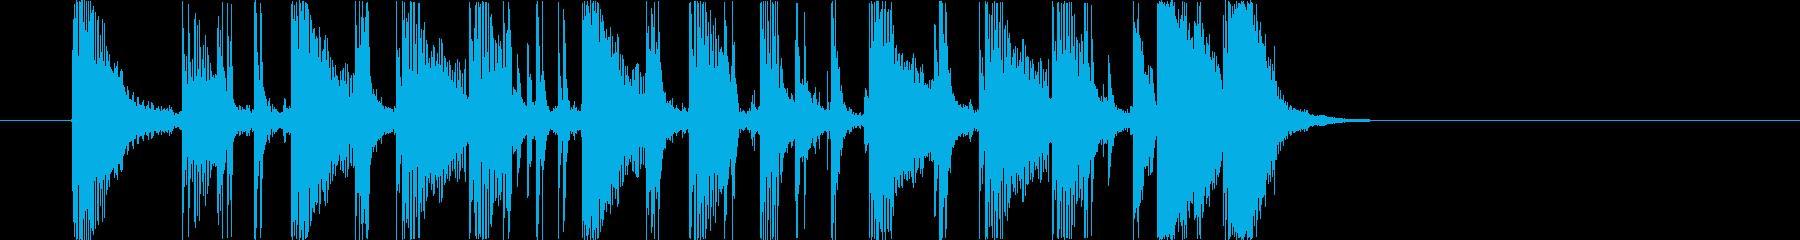 シンプルでクリアなギターカッティング5秒の再生済みの波形